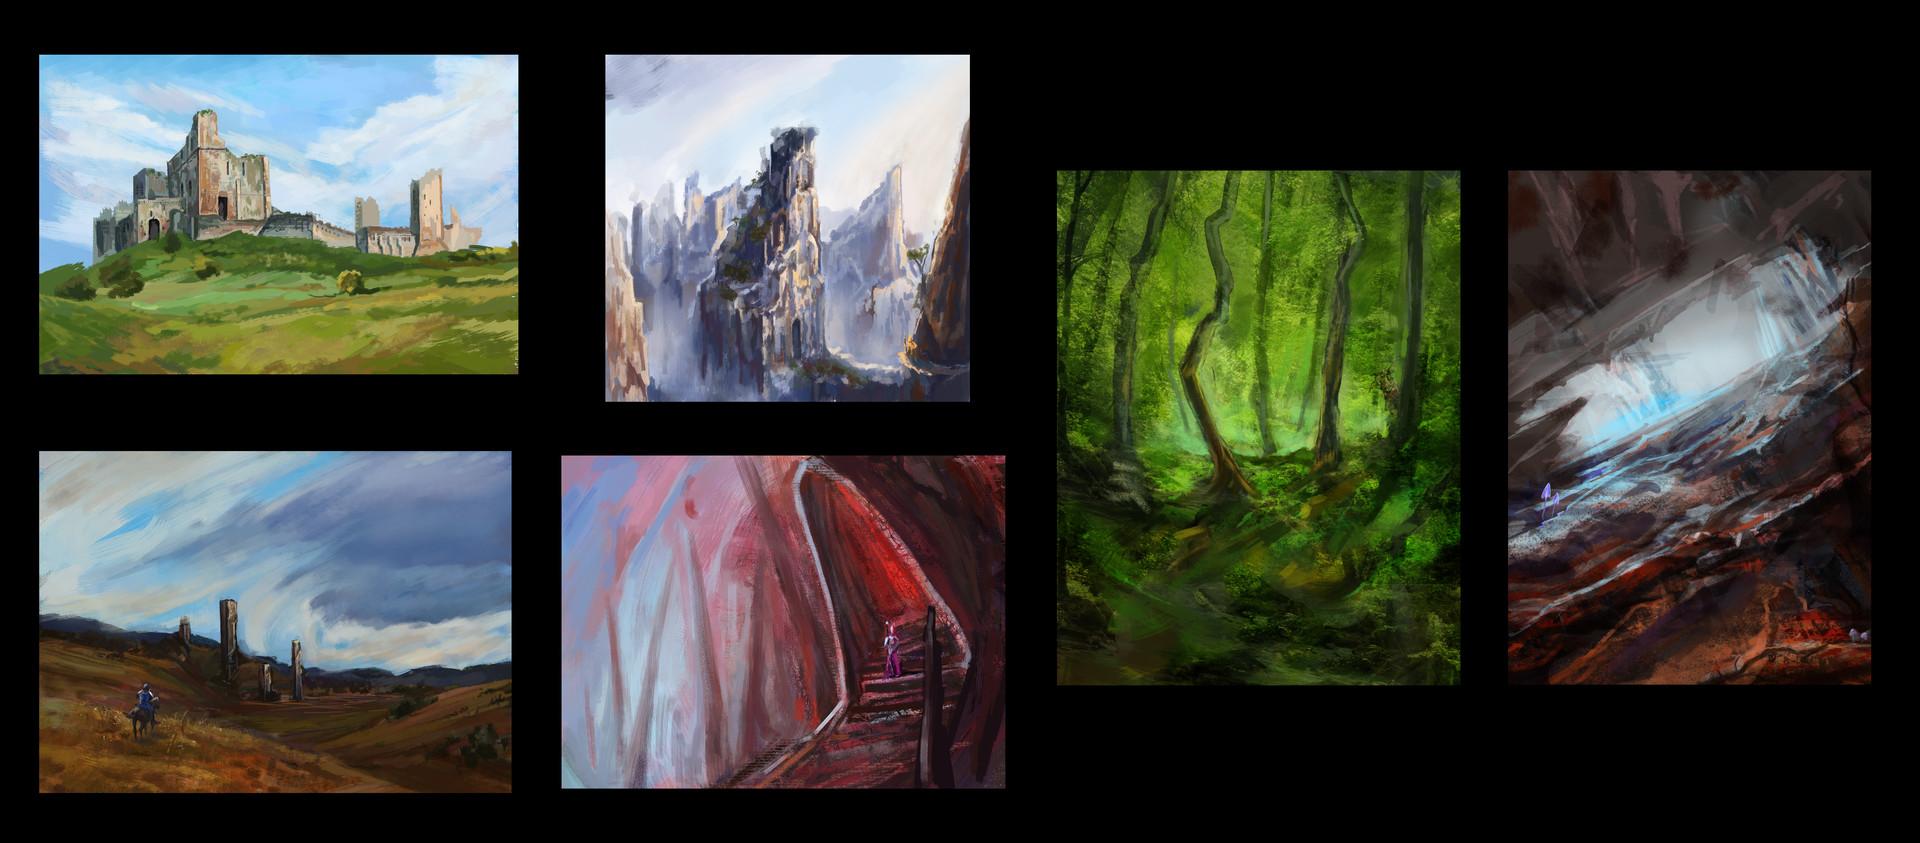 Maciej laszkiewicz untitled 2 copy